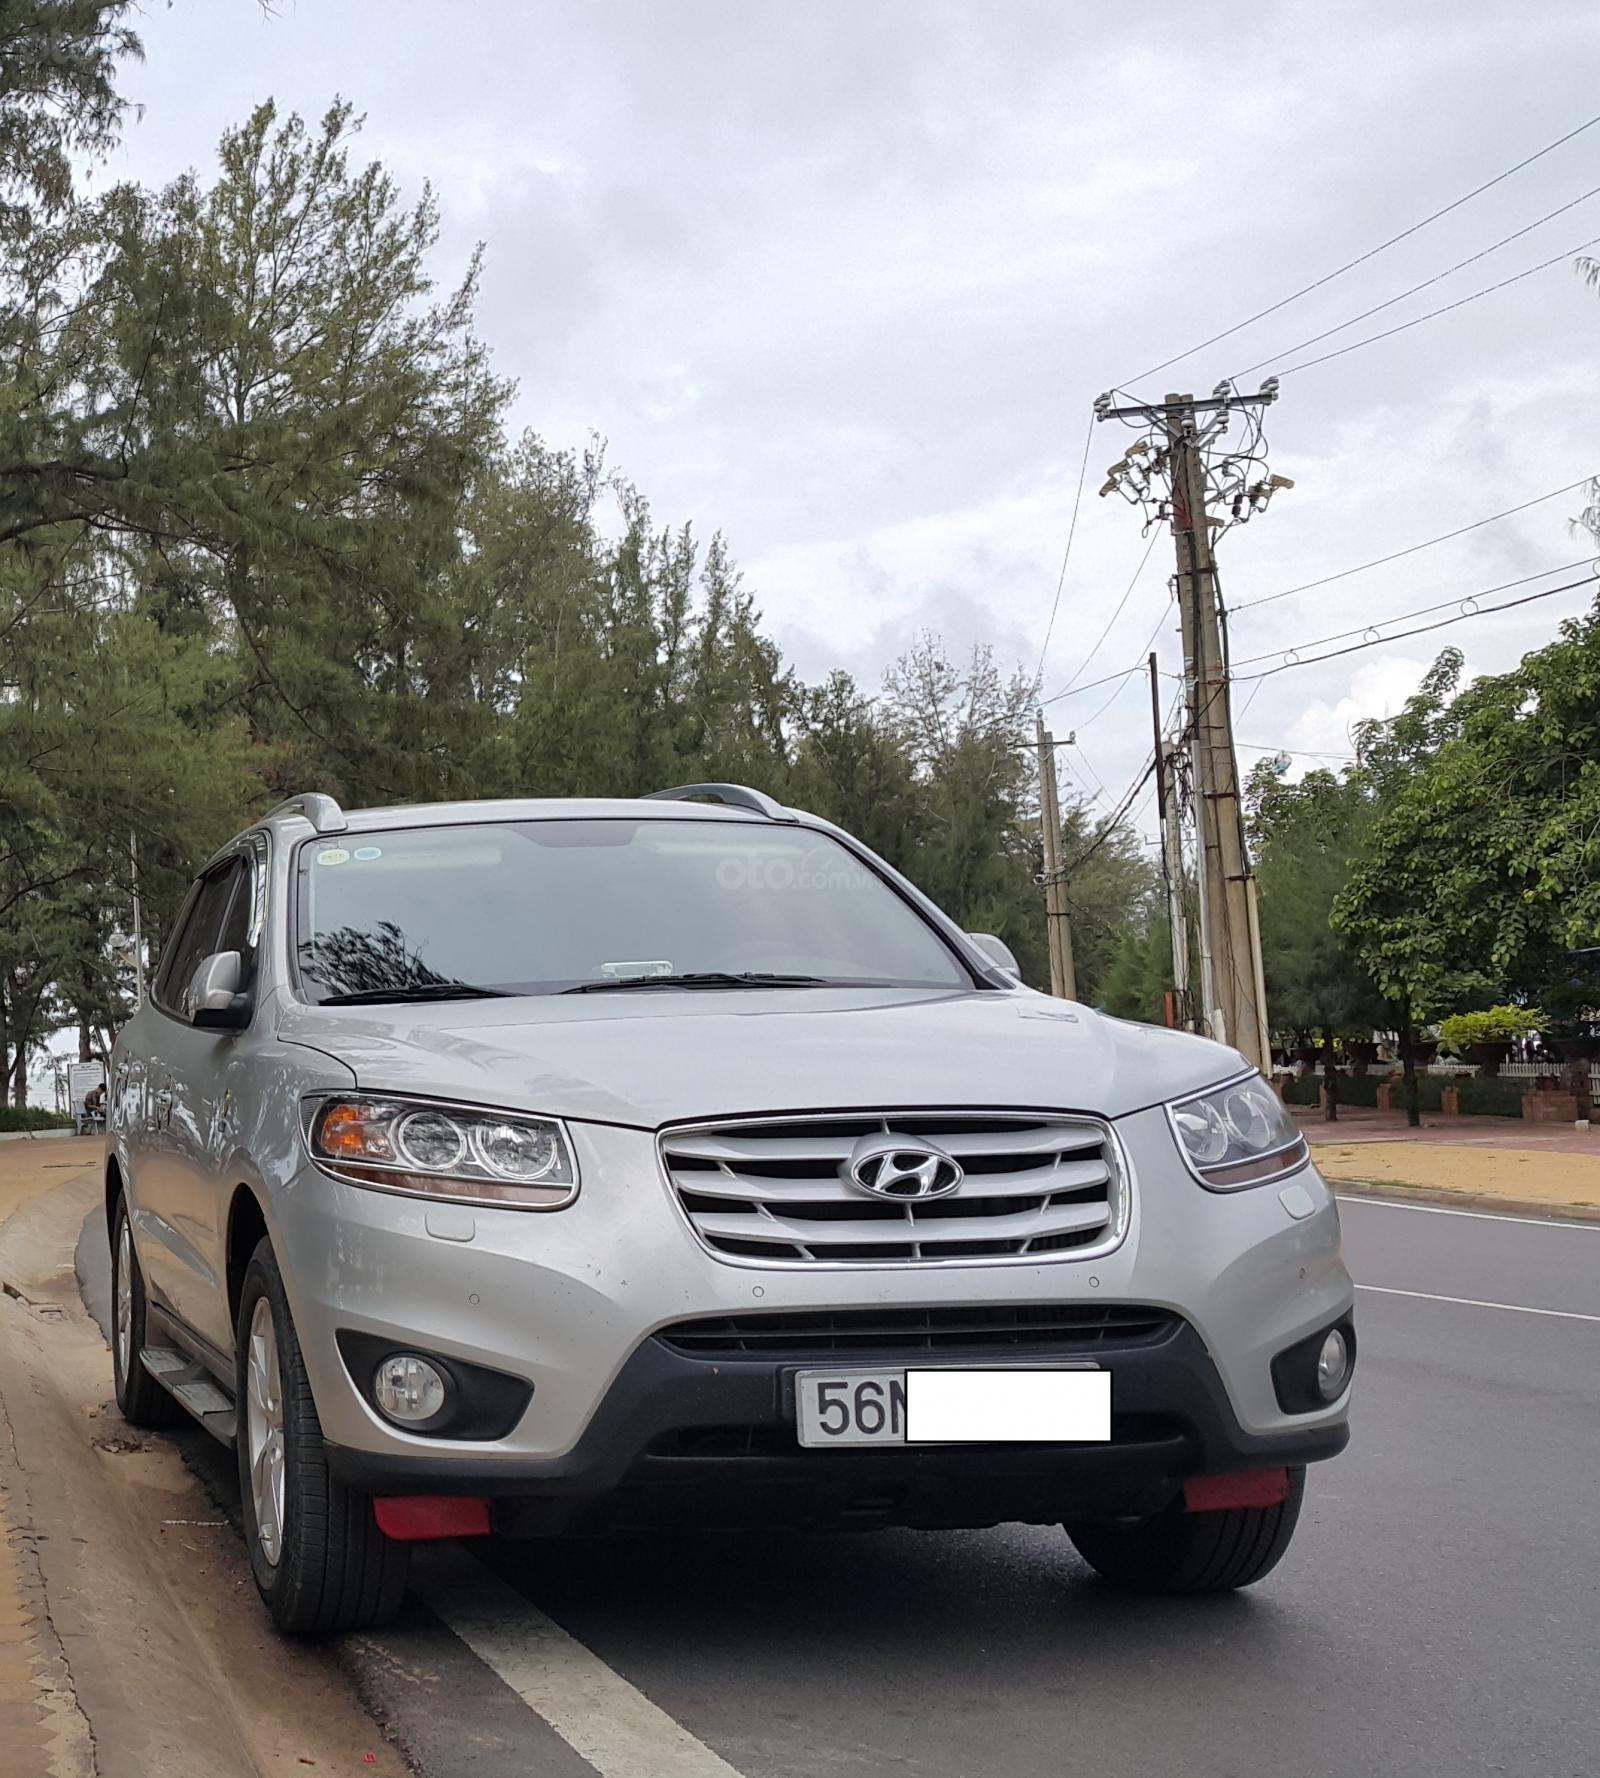 Bán Hyundai Santa Fe SLX 2010 full option 2.0, dầu, màu bạc, nhập khẩu, giá thương lượng (1)